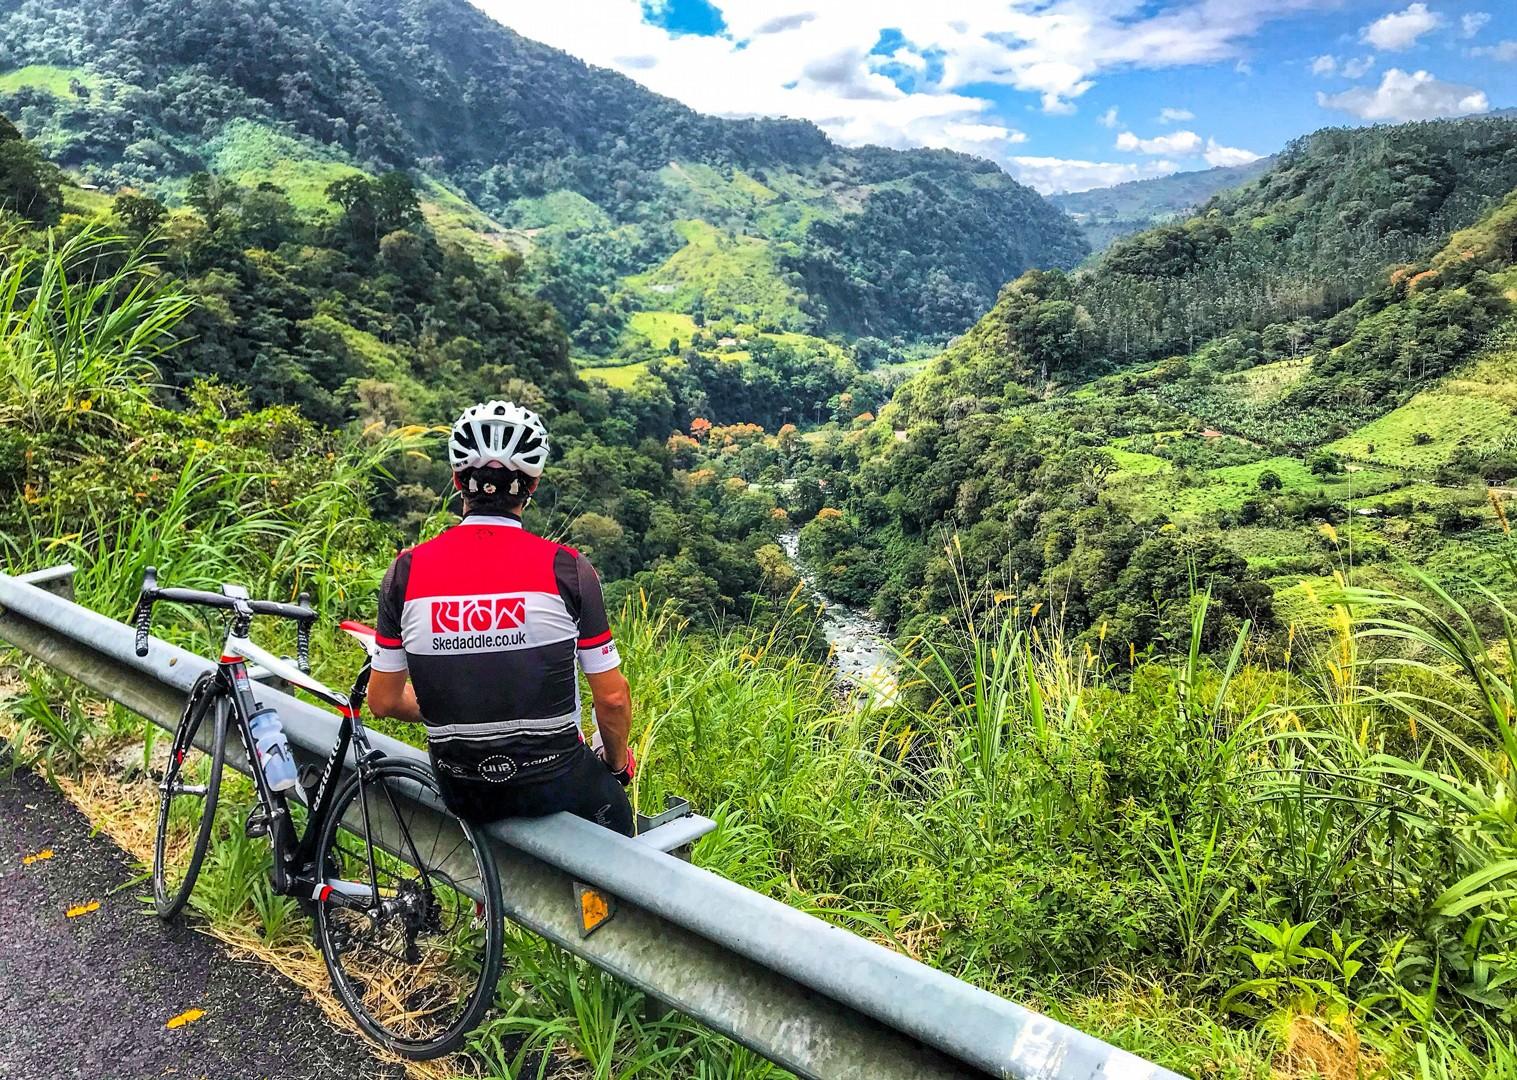 IMG_0722.jpg - Costa Rica - Ruta de los Volcanes - Road Cycling